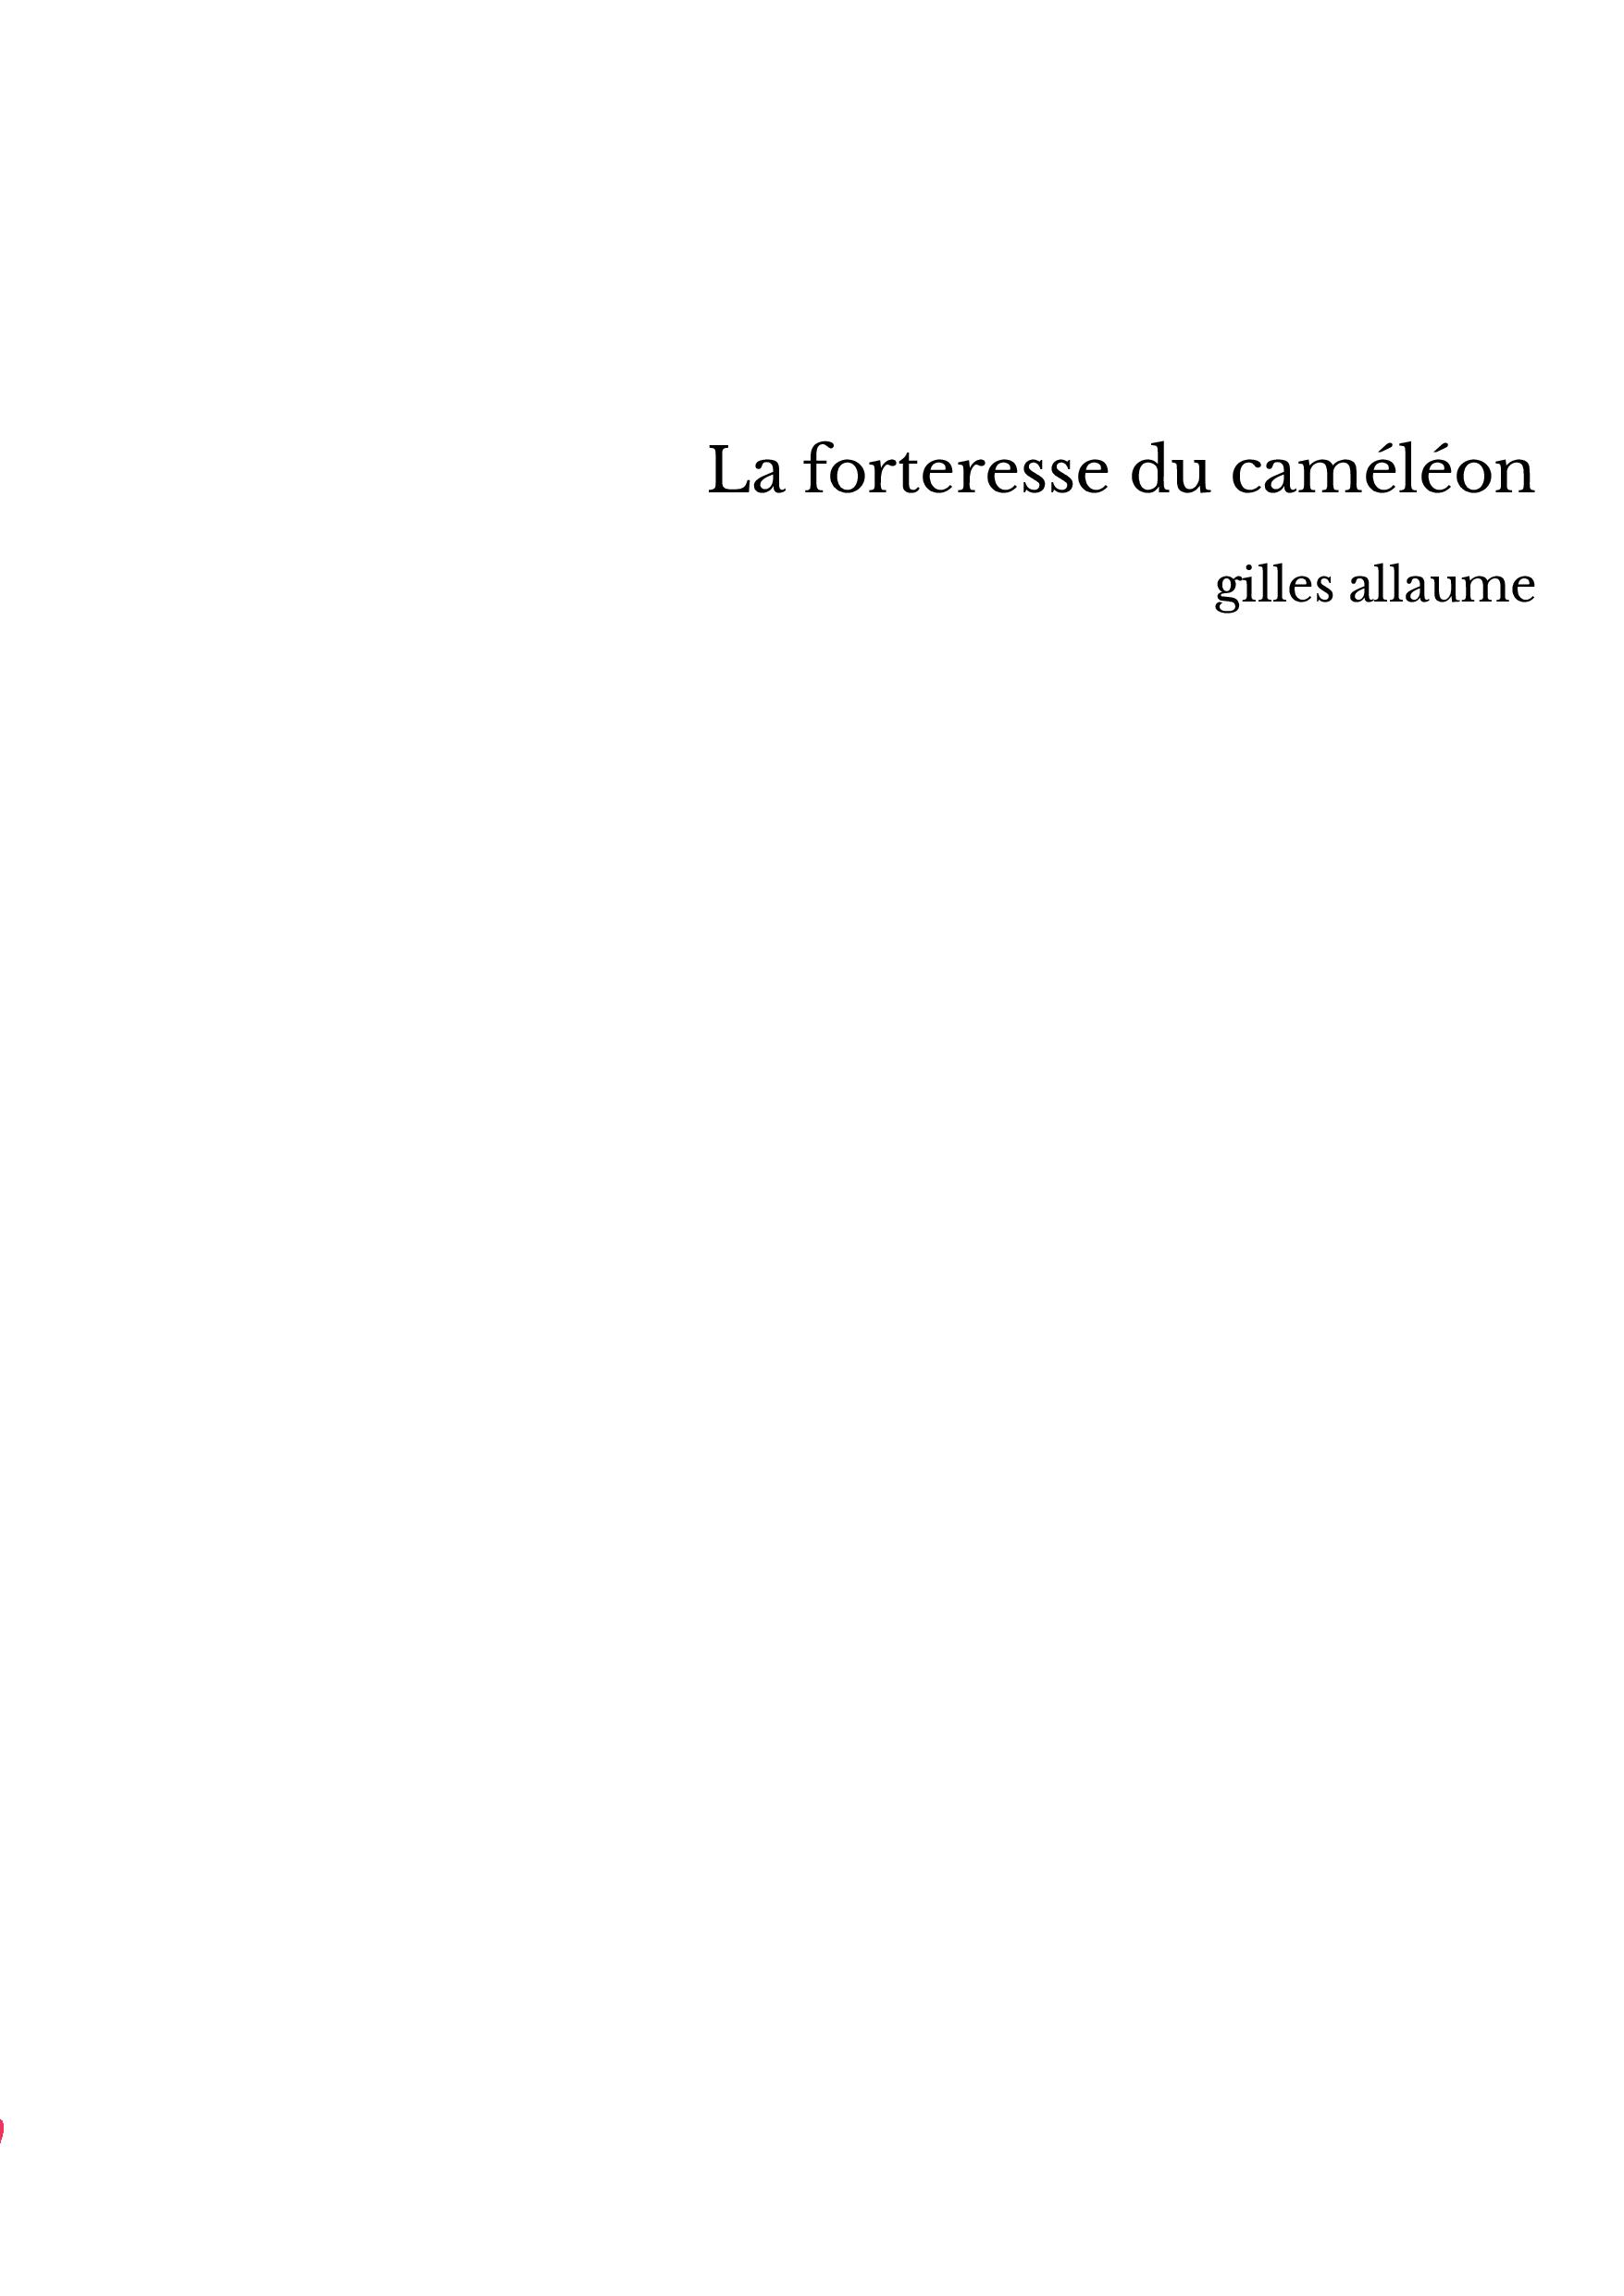 La forteresse du caméléon